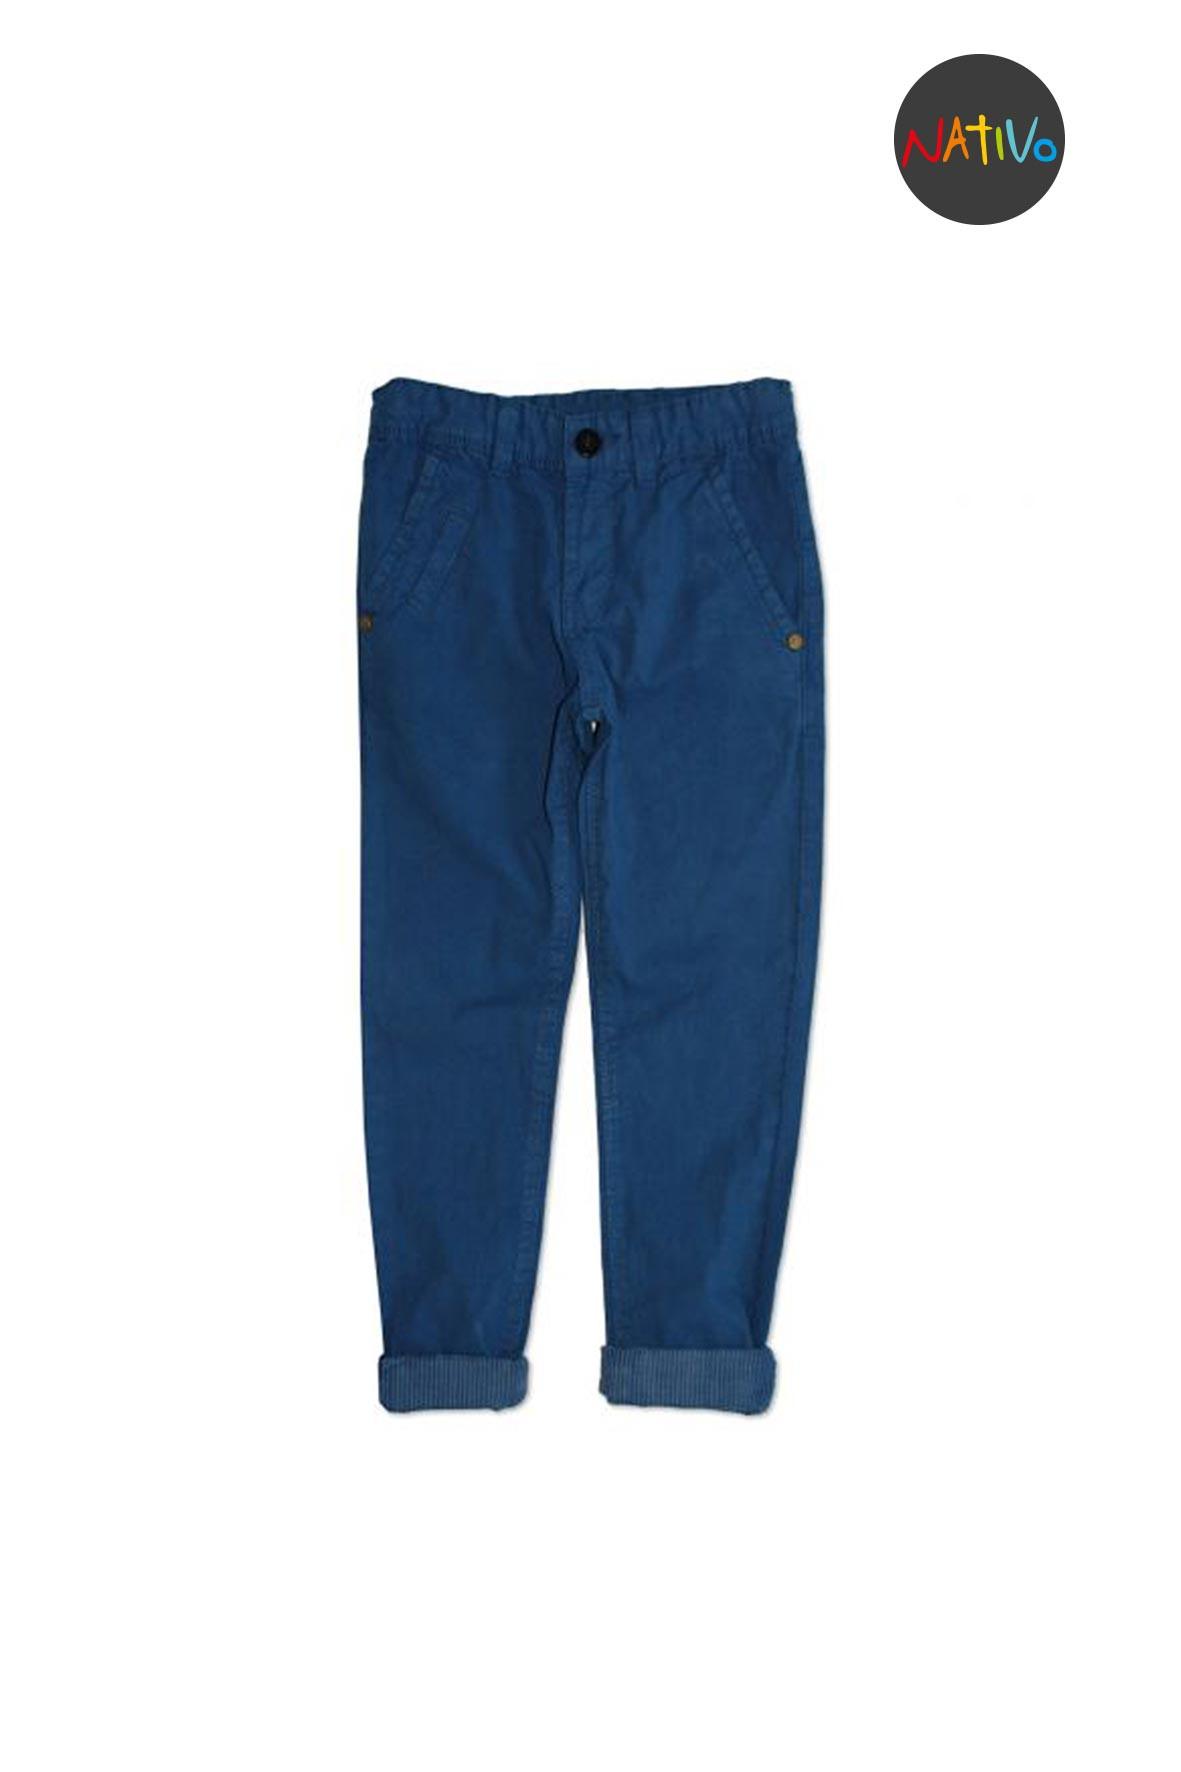 Spodnie chlopięce